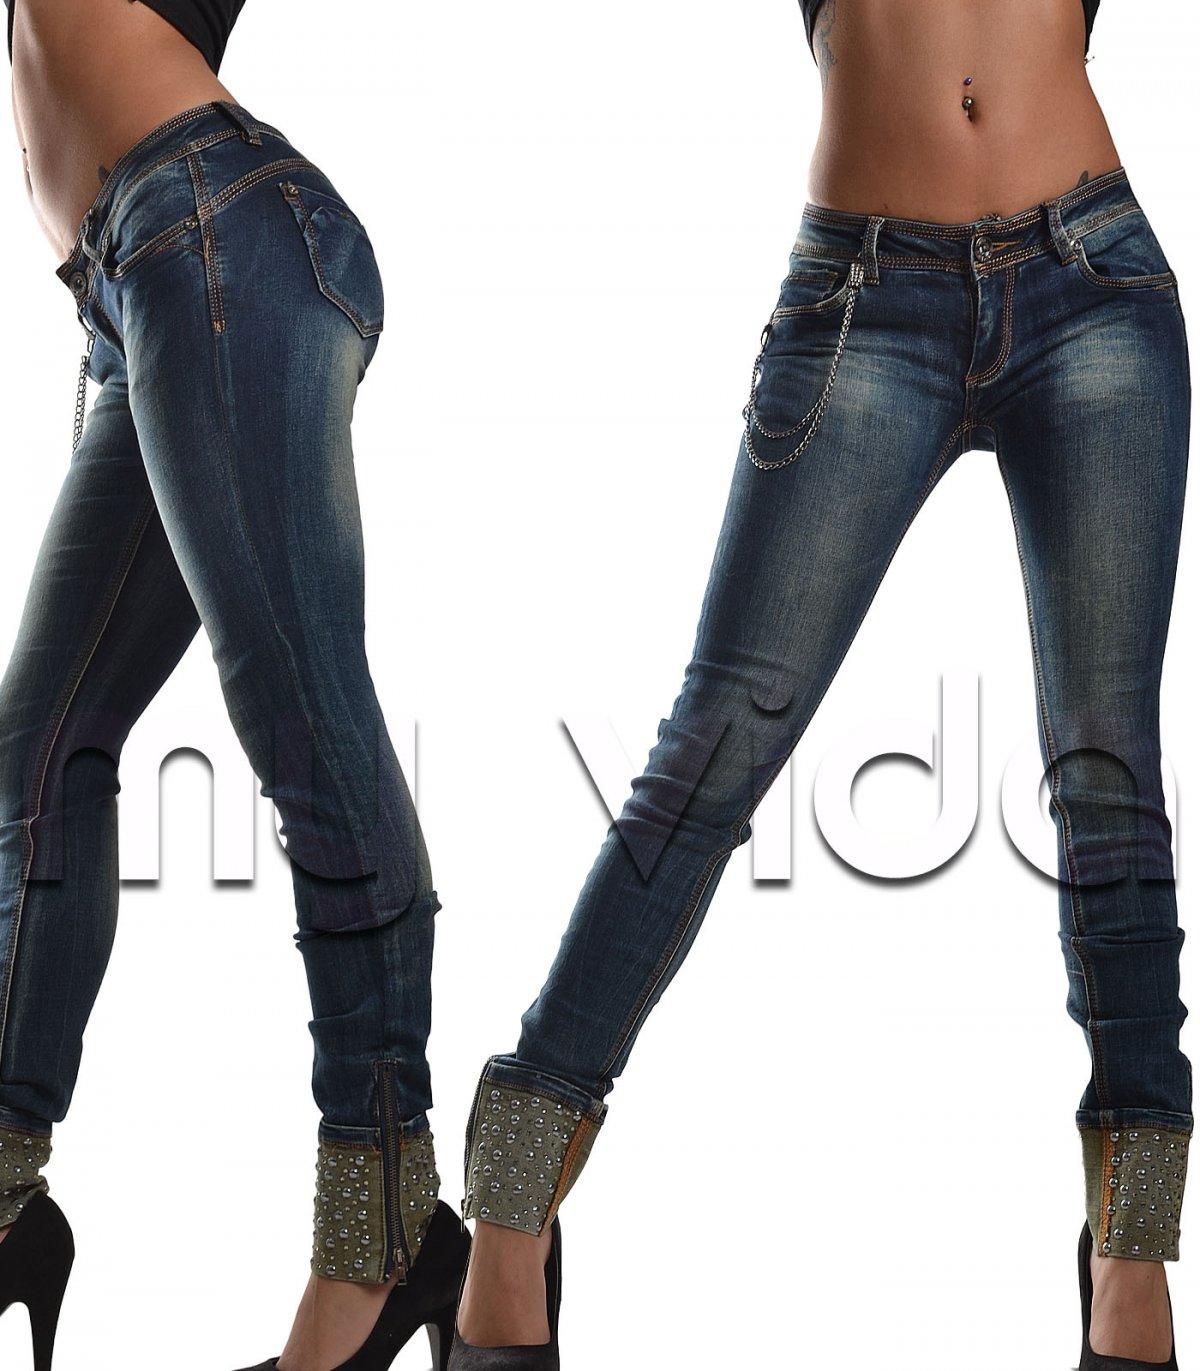 c5af0dee47 Jeans elasticizzato con risvolti zip e borchie | My Vida